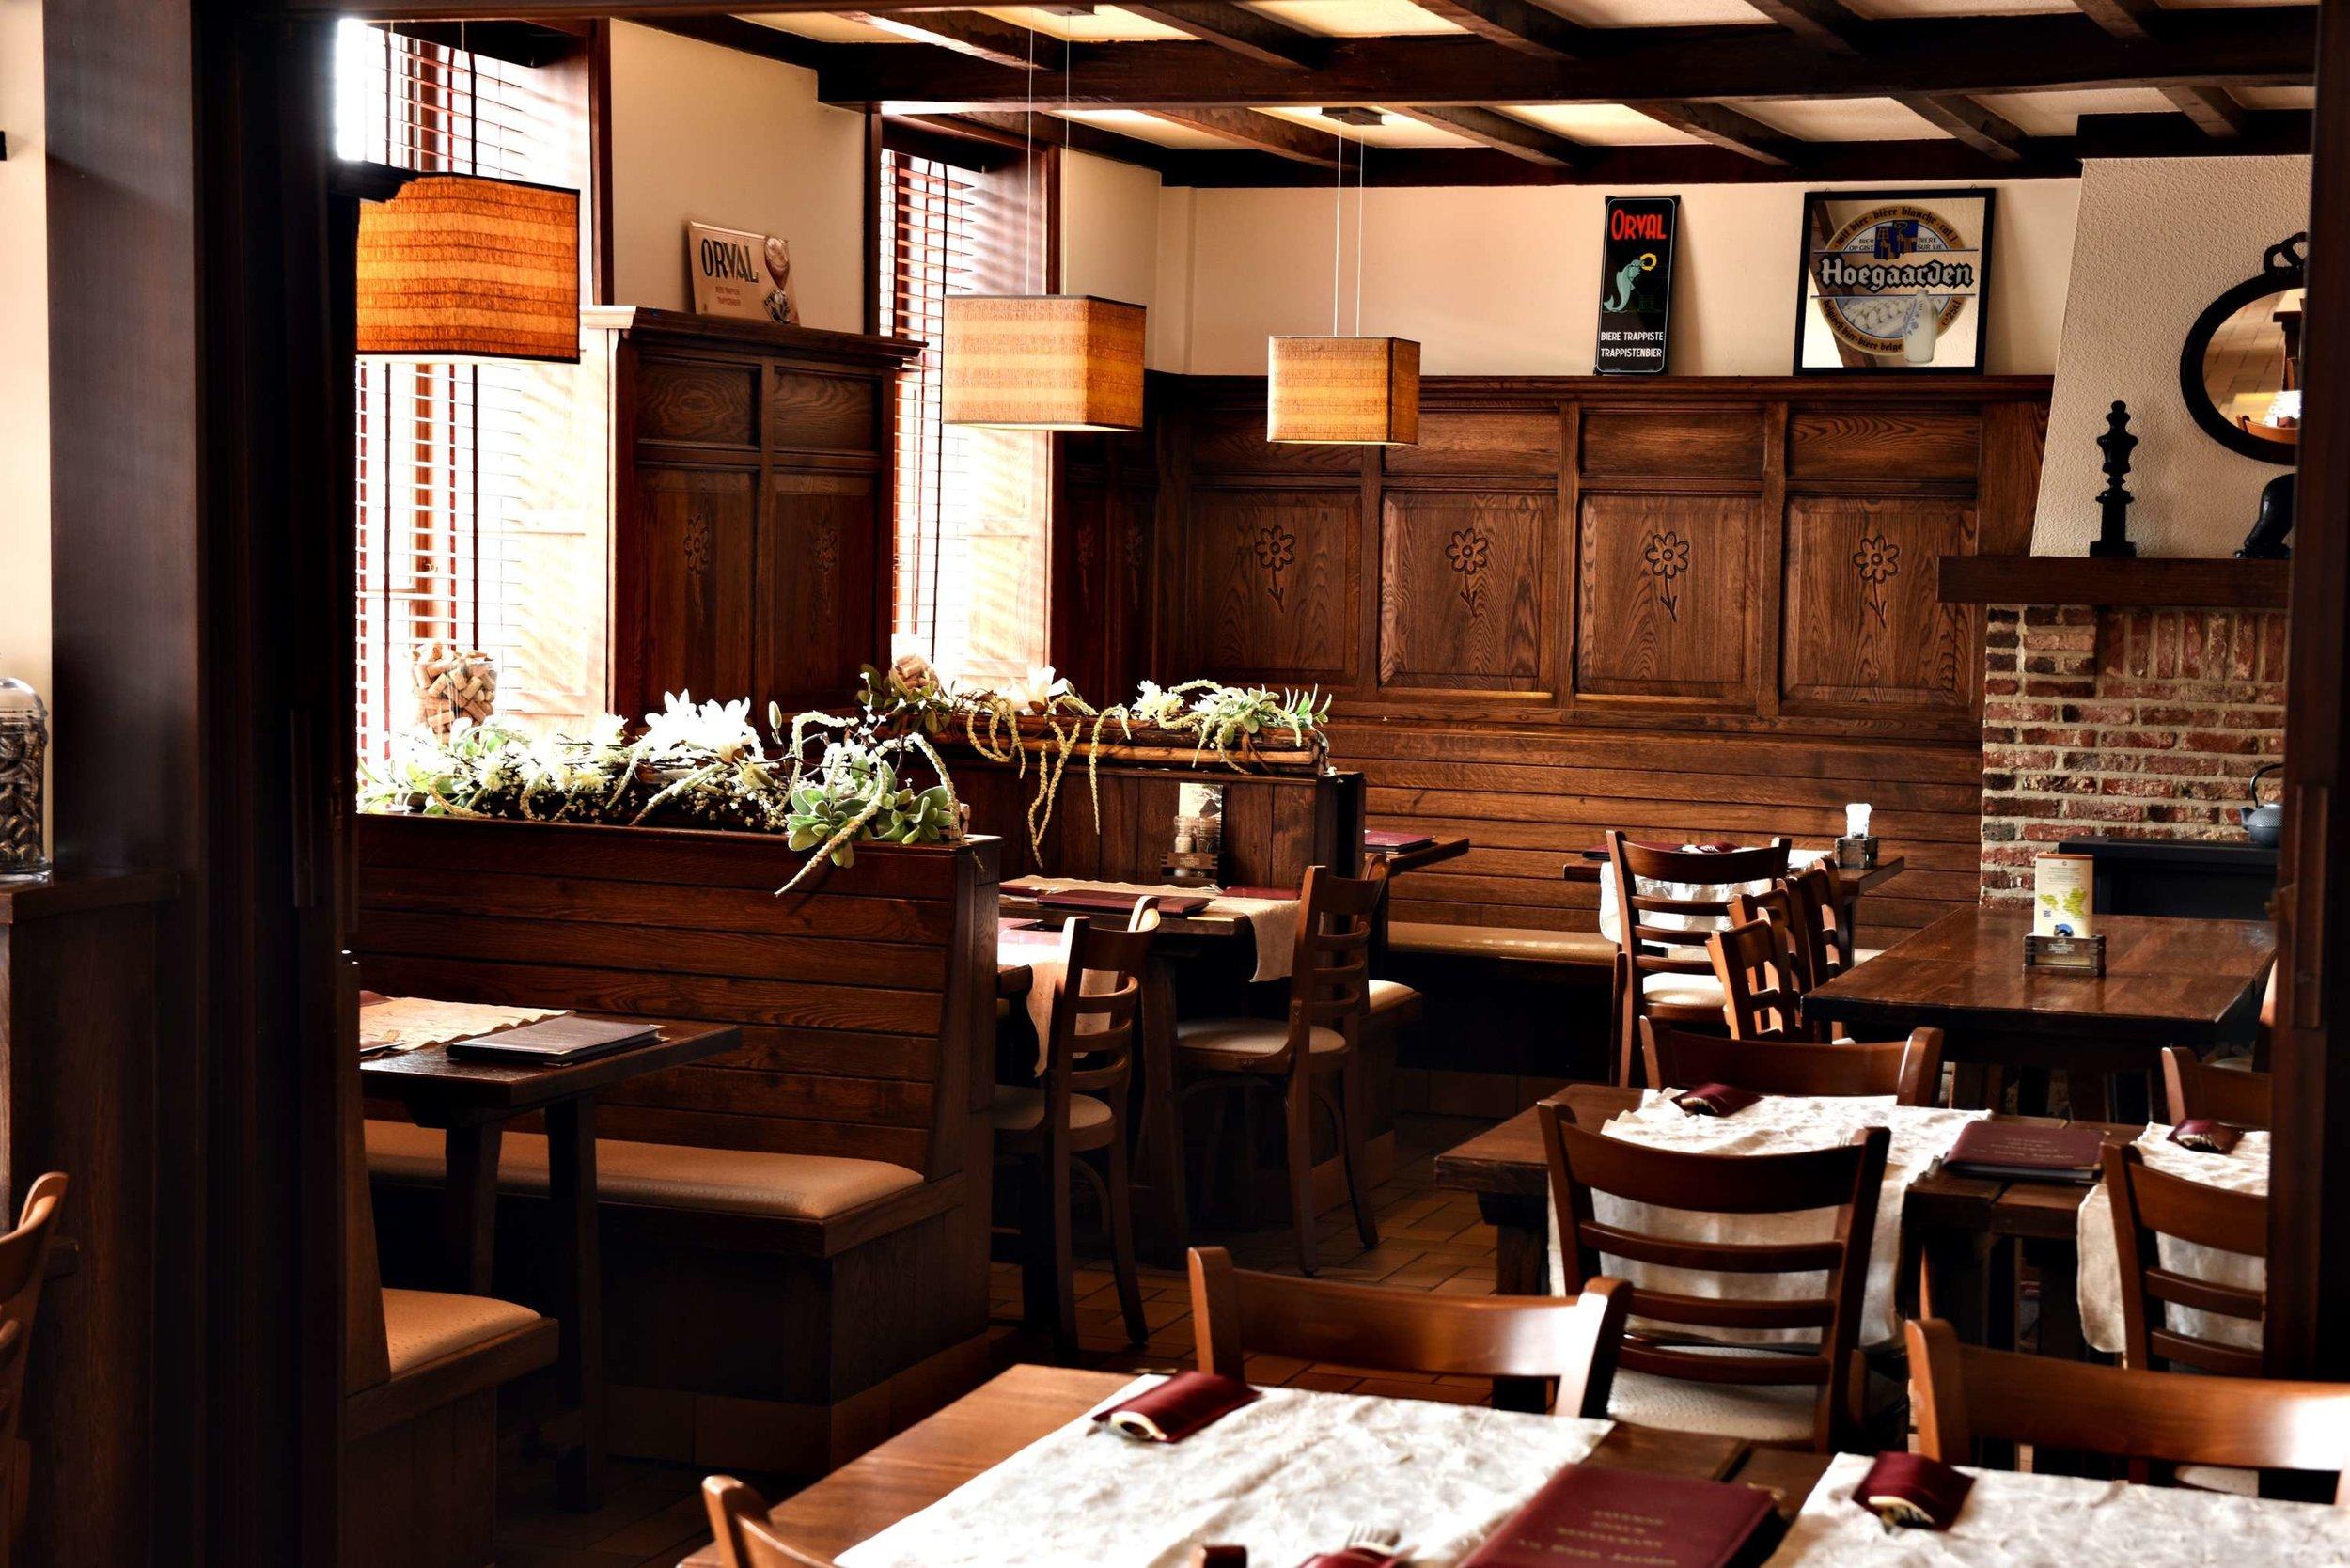 terras feestzaal au beau jardin rekkem restaurant feestzaal brasserie rekkem menen tablefever bart albrecht 19.jpg